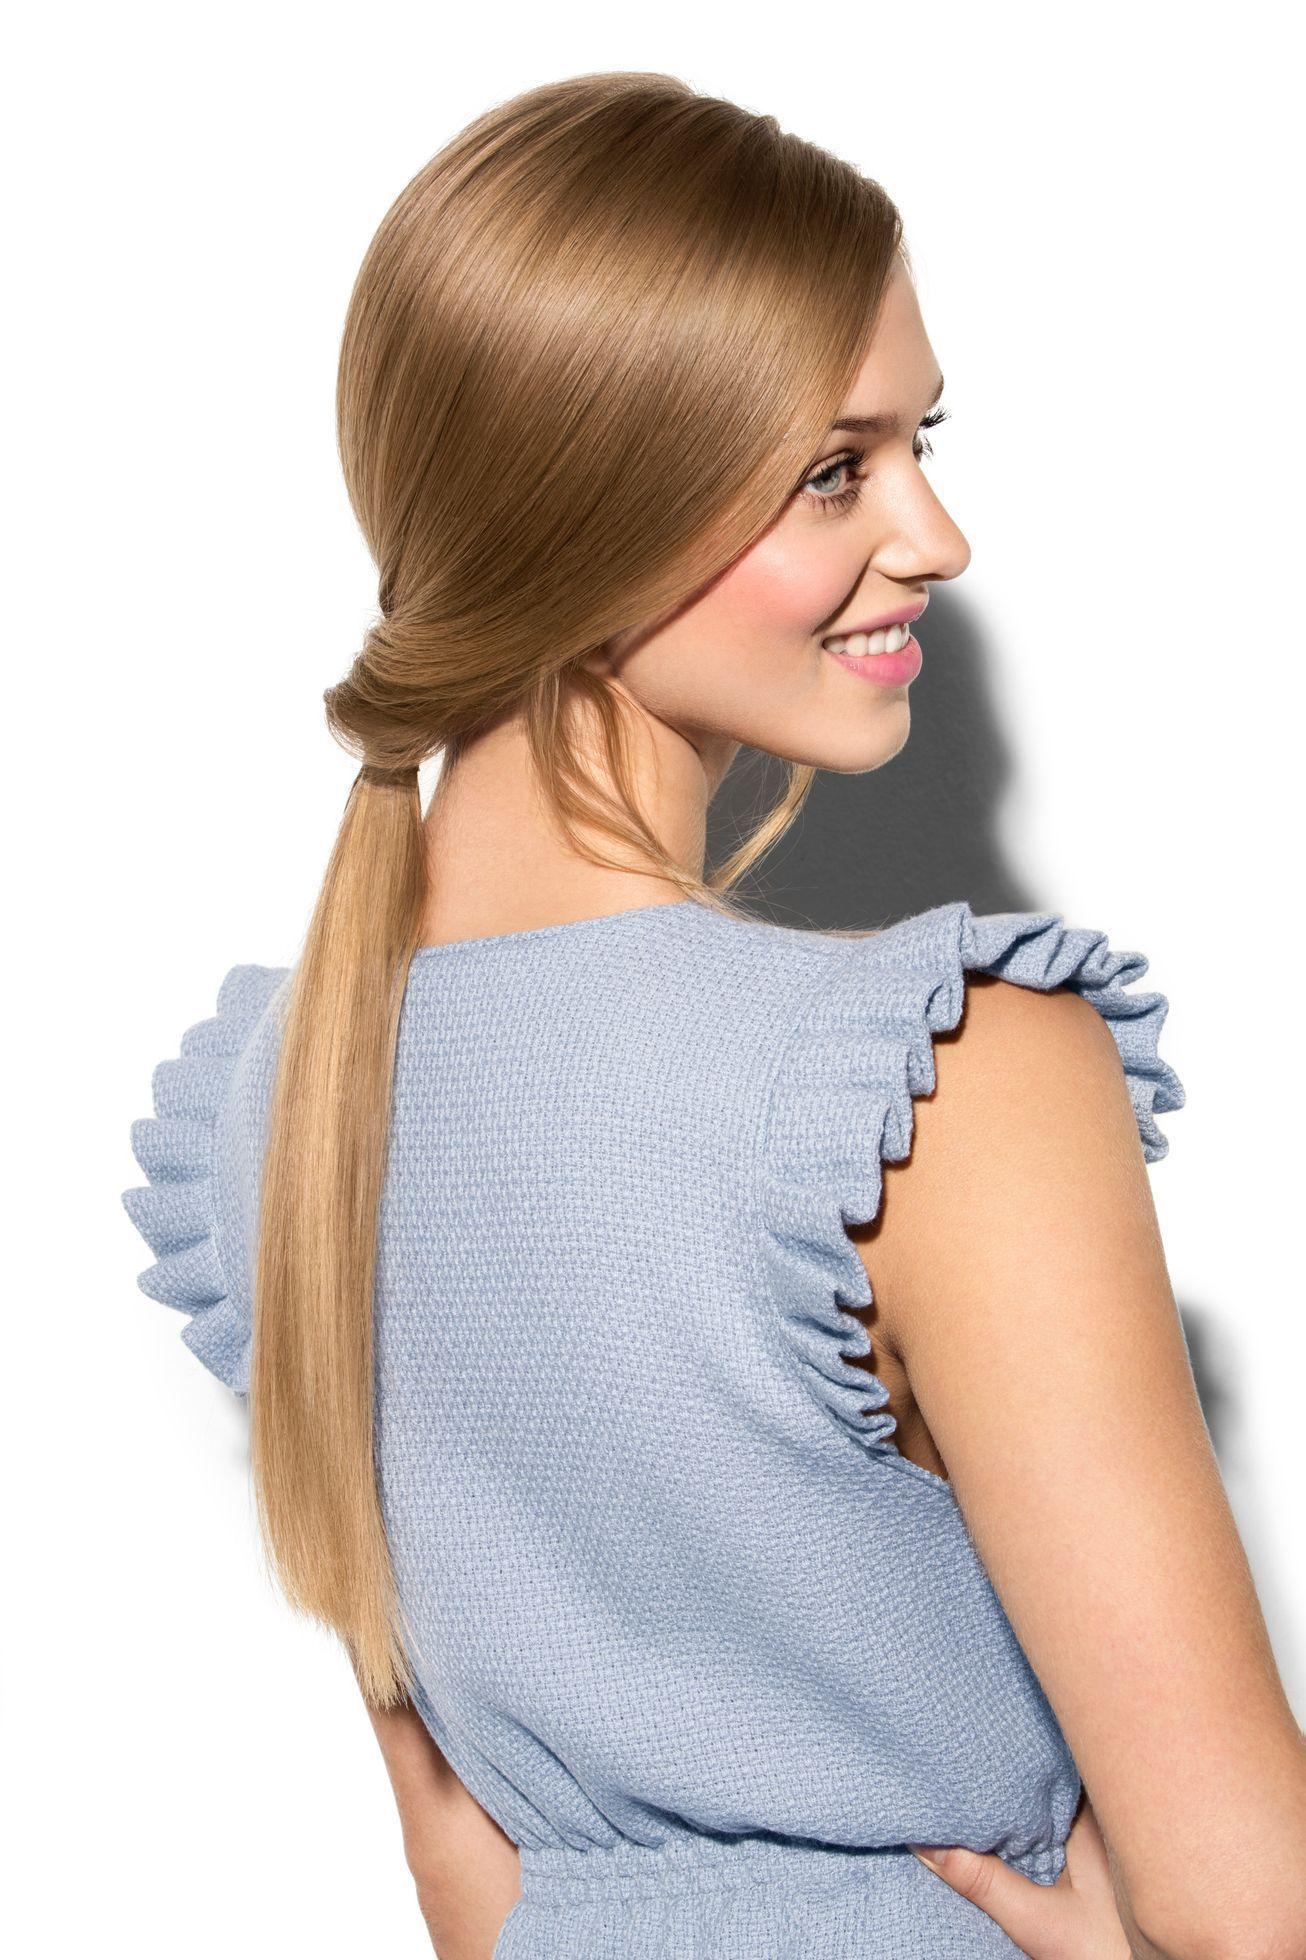 100+ 10 Jednoduchých účesů Pro Polodlouhé Vlasy Do 5 Minut. Rychlé ... 3b2cc01108a